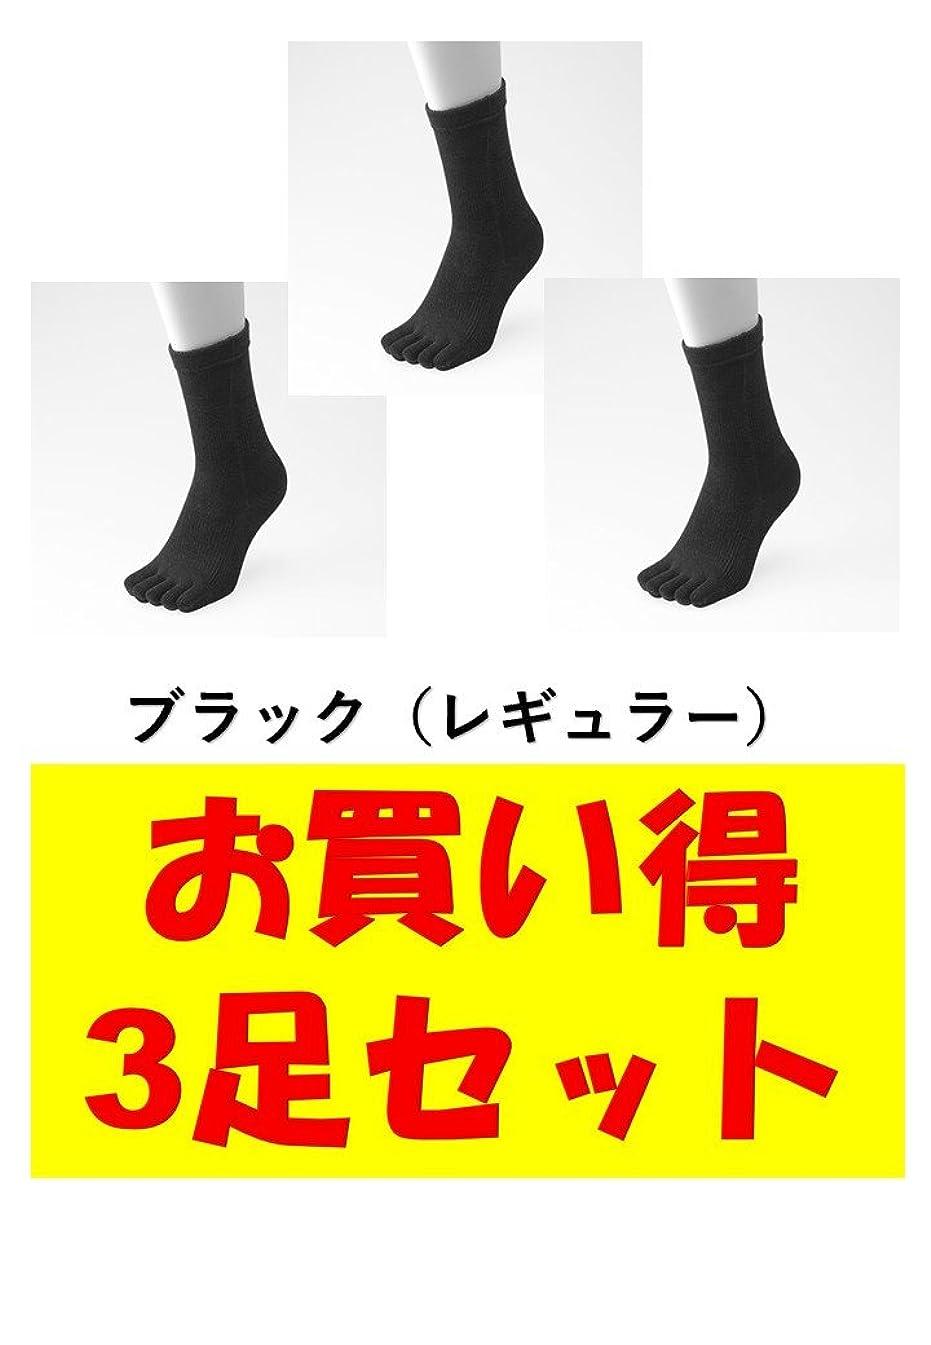 より平らな準備する加速するお買い得3足セット 5本指 ゆびのばソックス ゆびのばレギュラー ブラック 男性用 25.5cm-28.0cm HSREGR-BLK